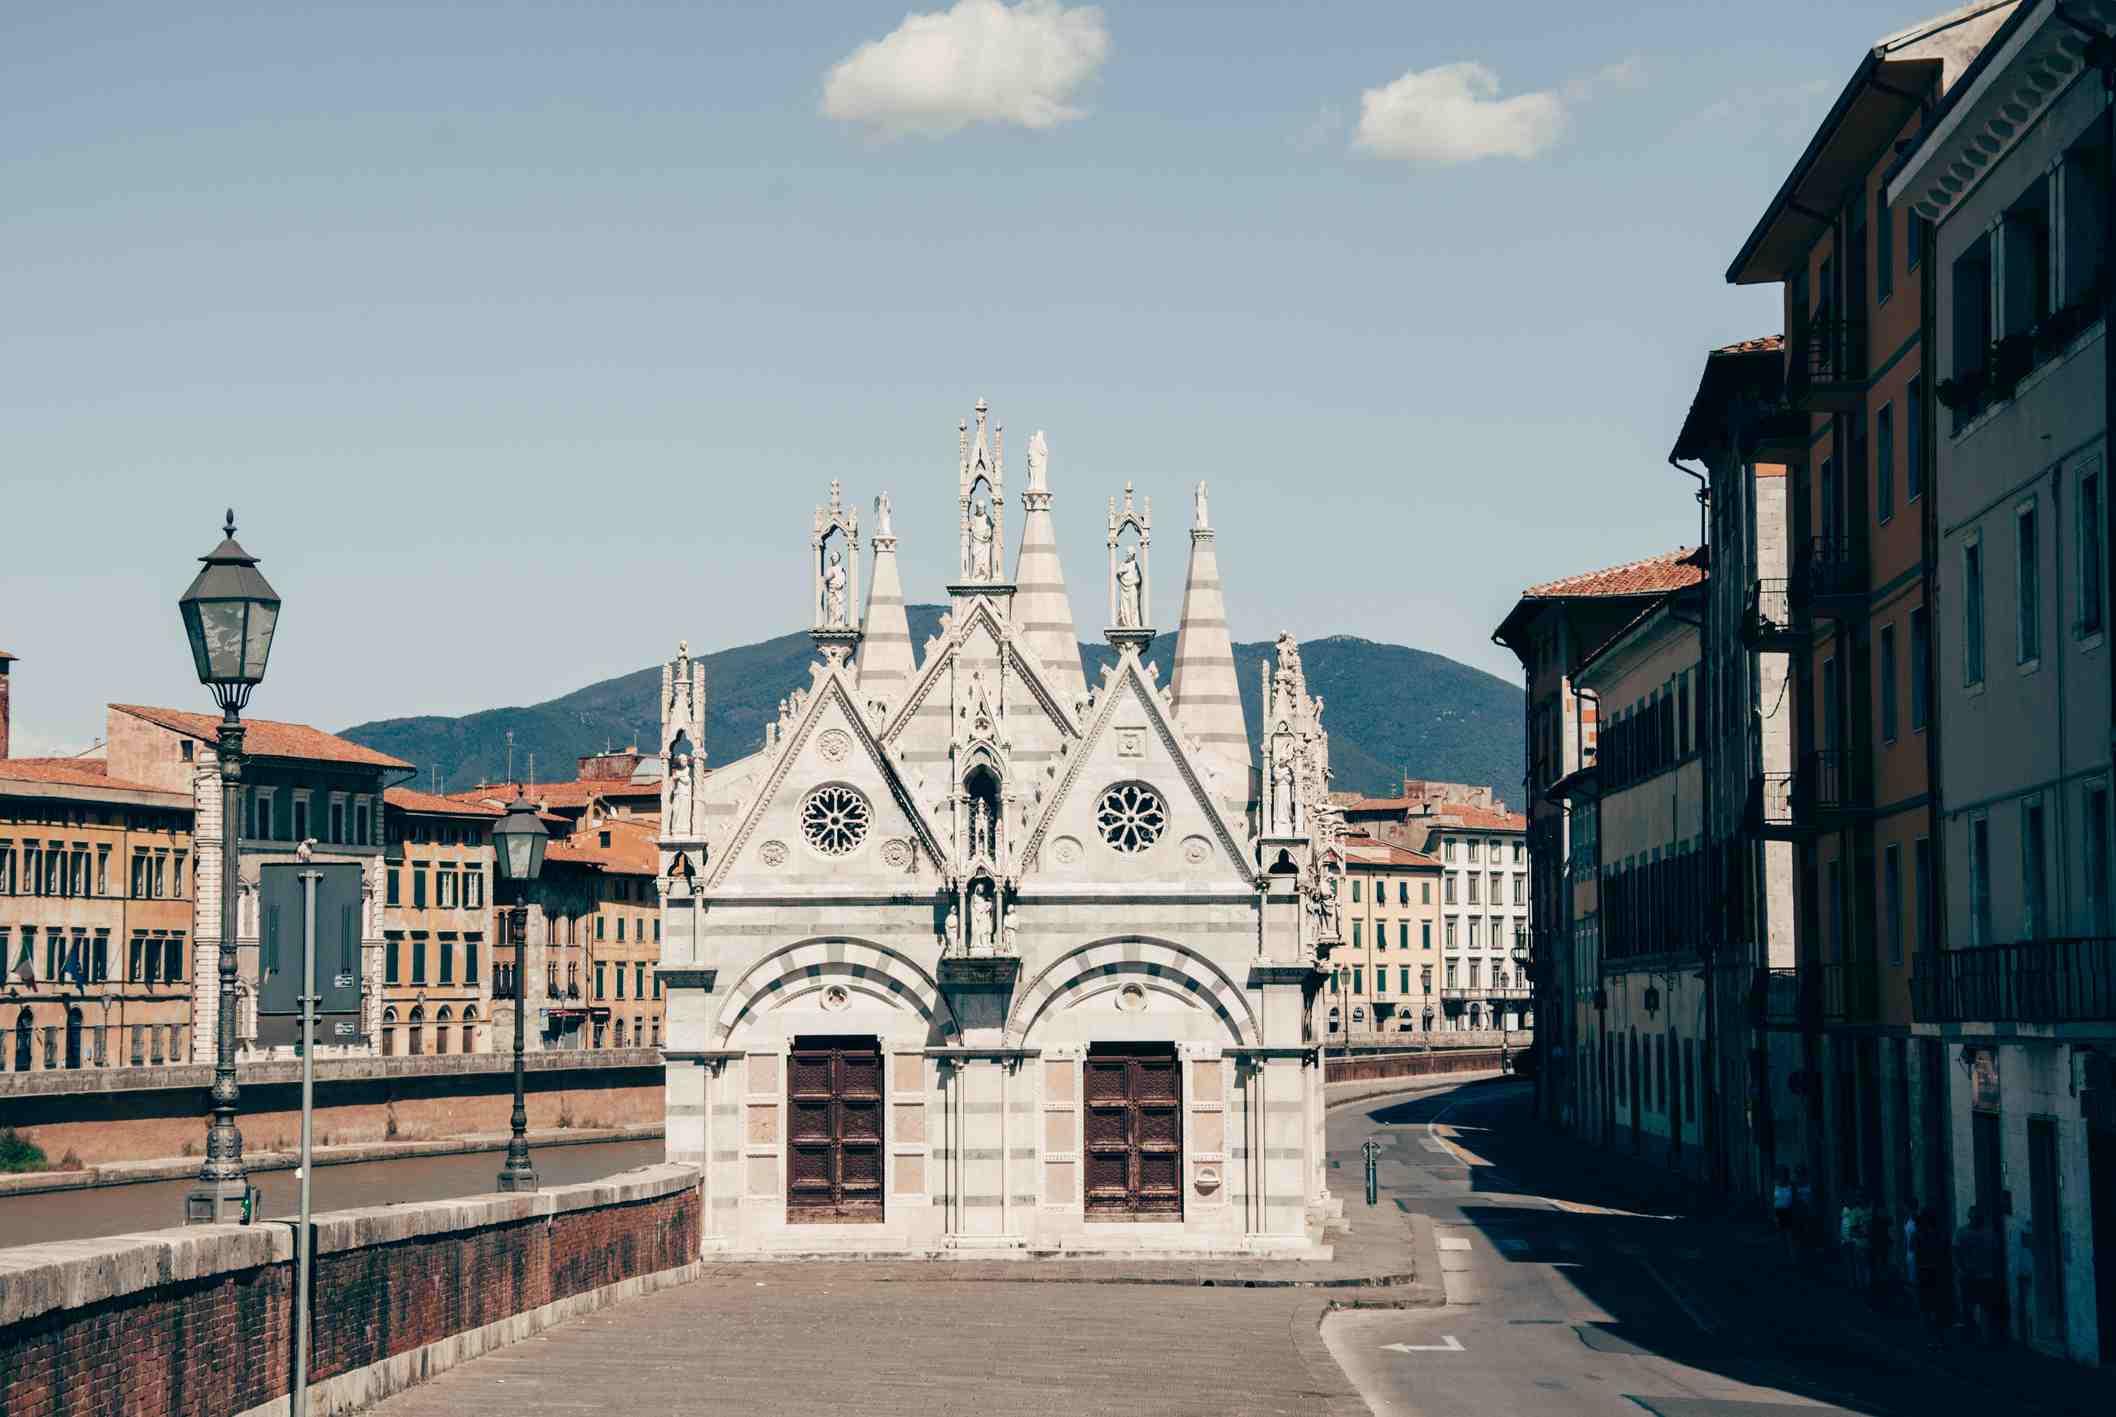 The church of Santa Maria della Spina, Pisa